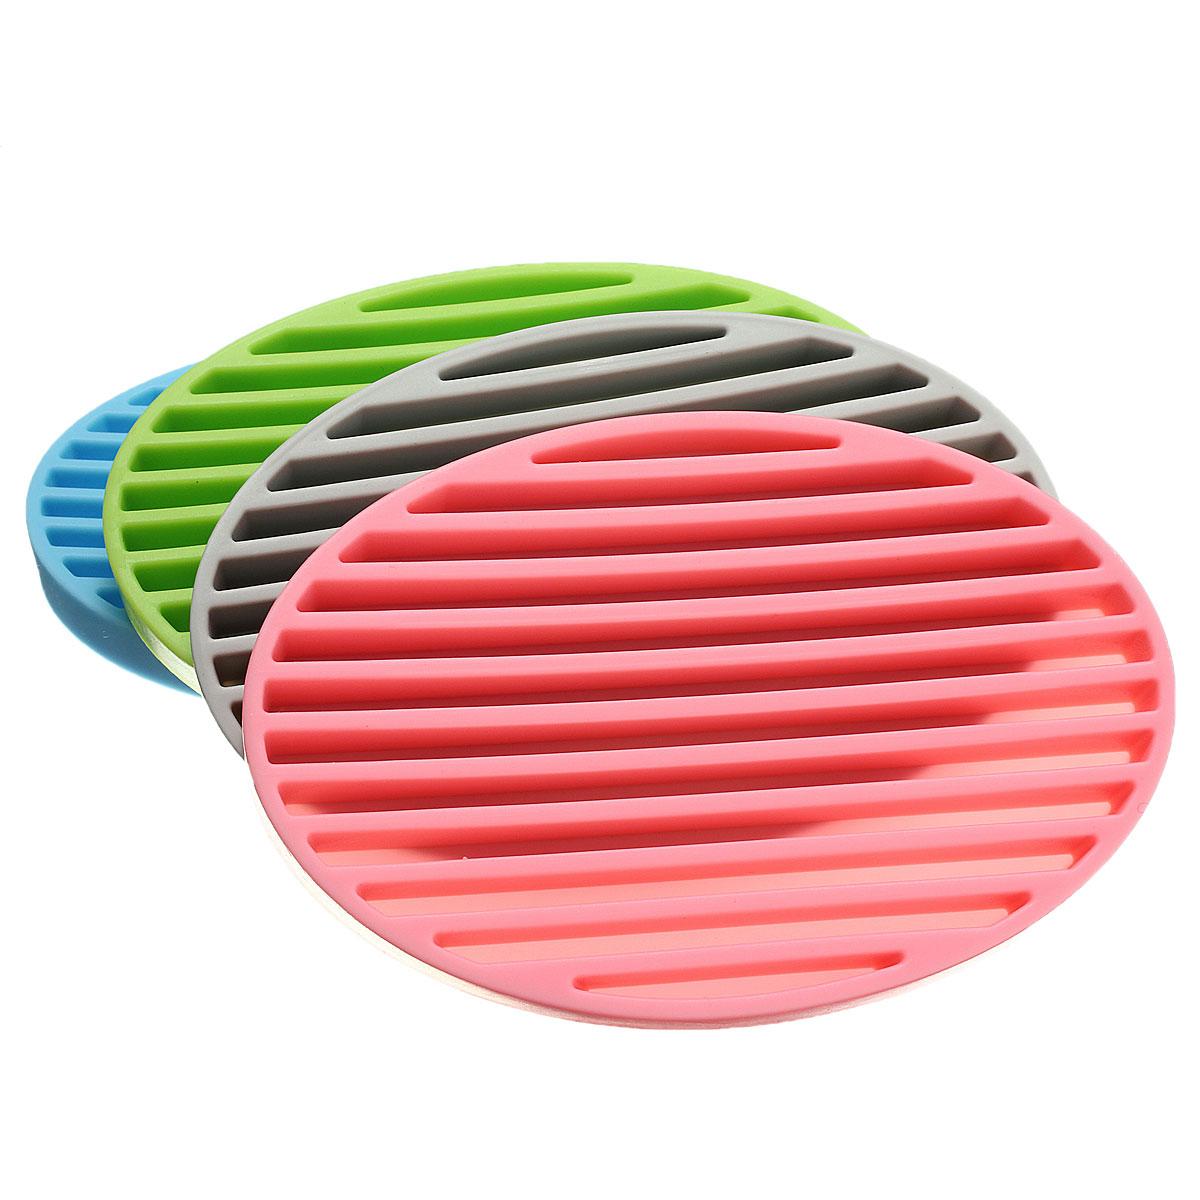 Silicone Vassoio PORTA SAPONE Supporto SAPONETTA Soap Holder Dish Bagno Doccia  eBay